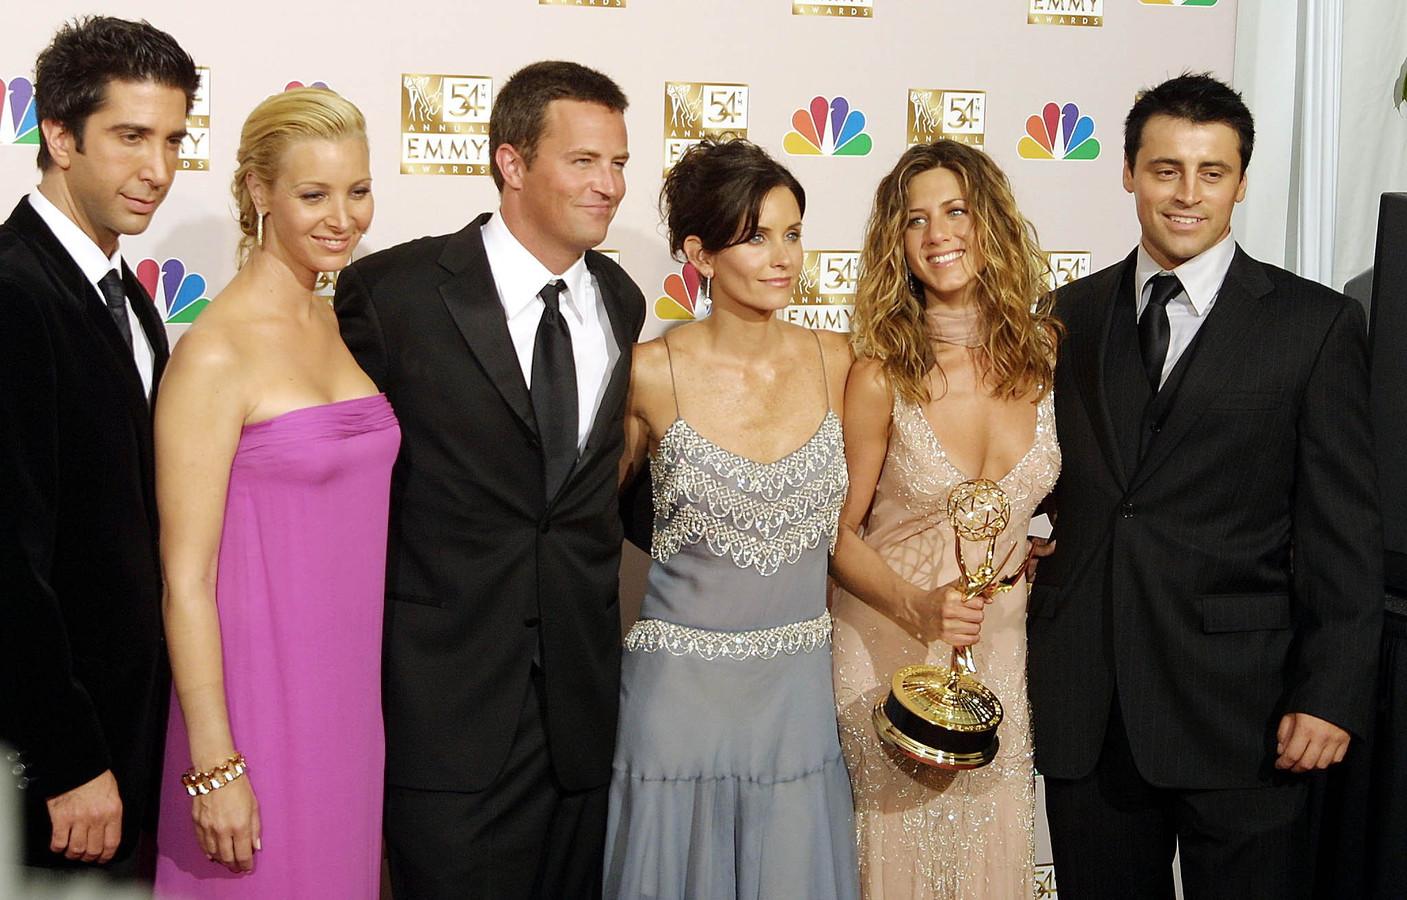 """Le casting complet de """"Friends"""" aux Emmy Awards en 2002."""